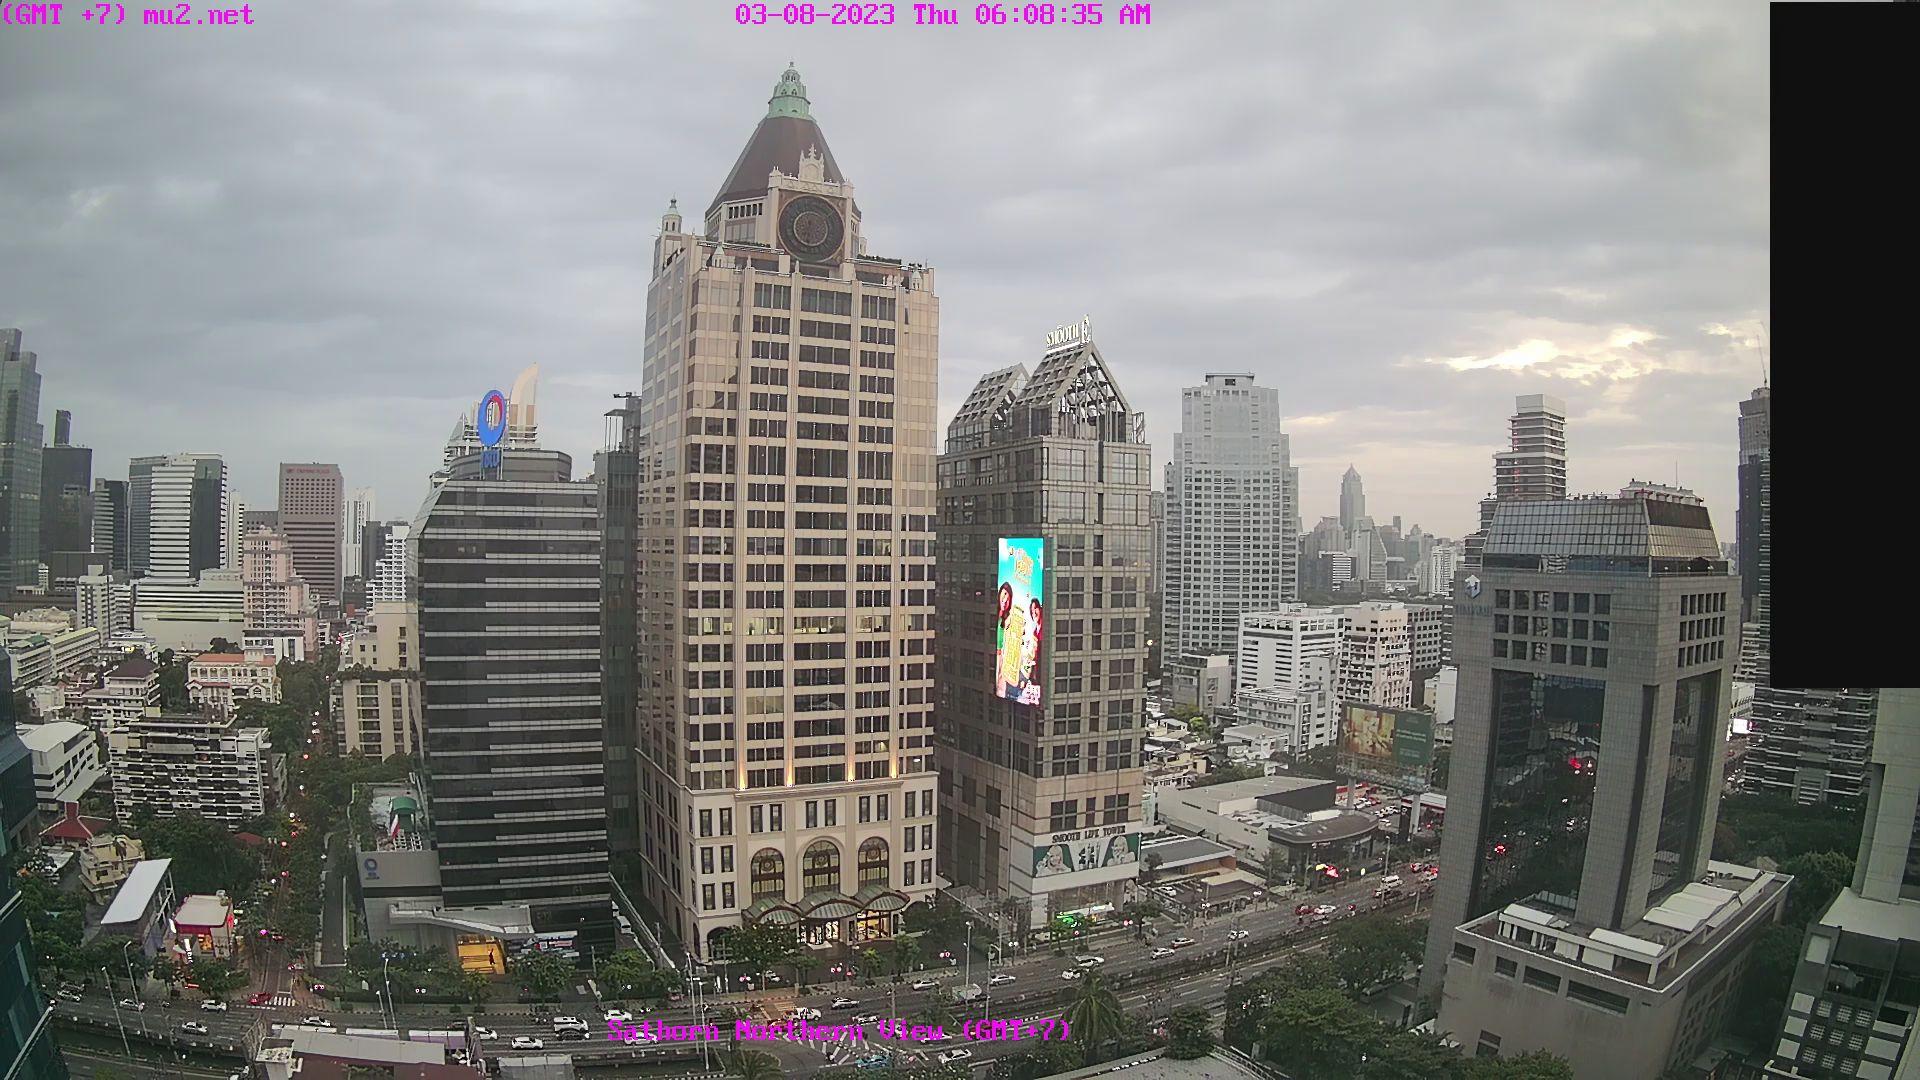 Bangkok So. 06:19